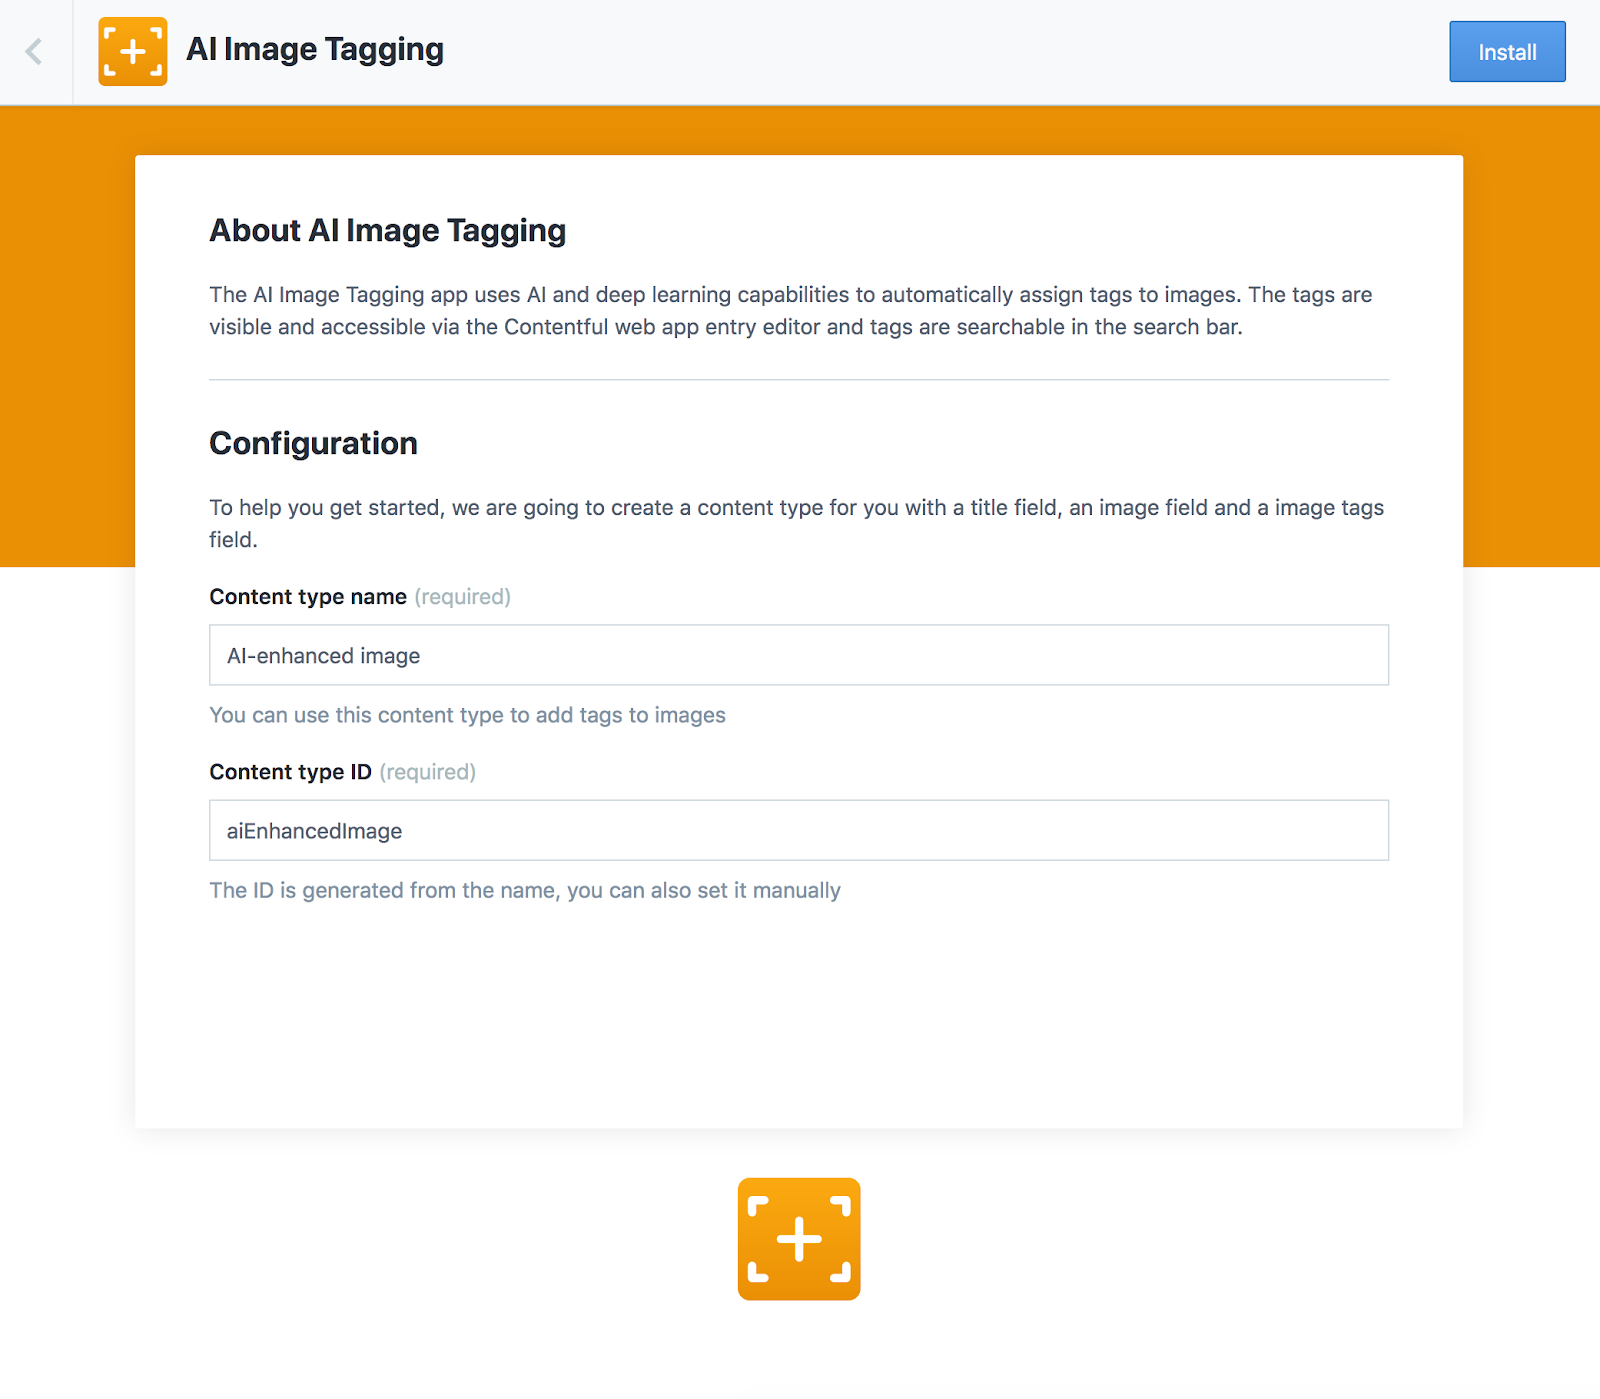 The AI image taggingAPI installation screen